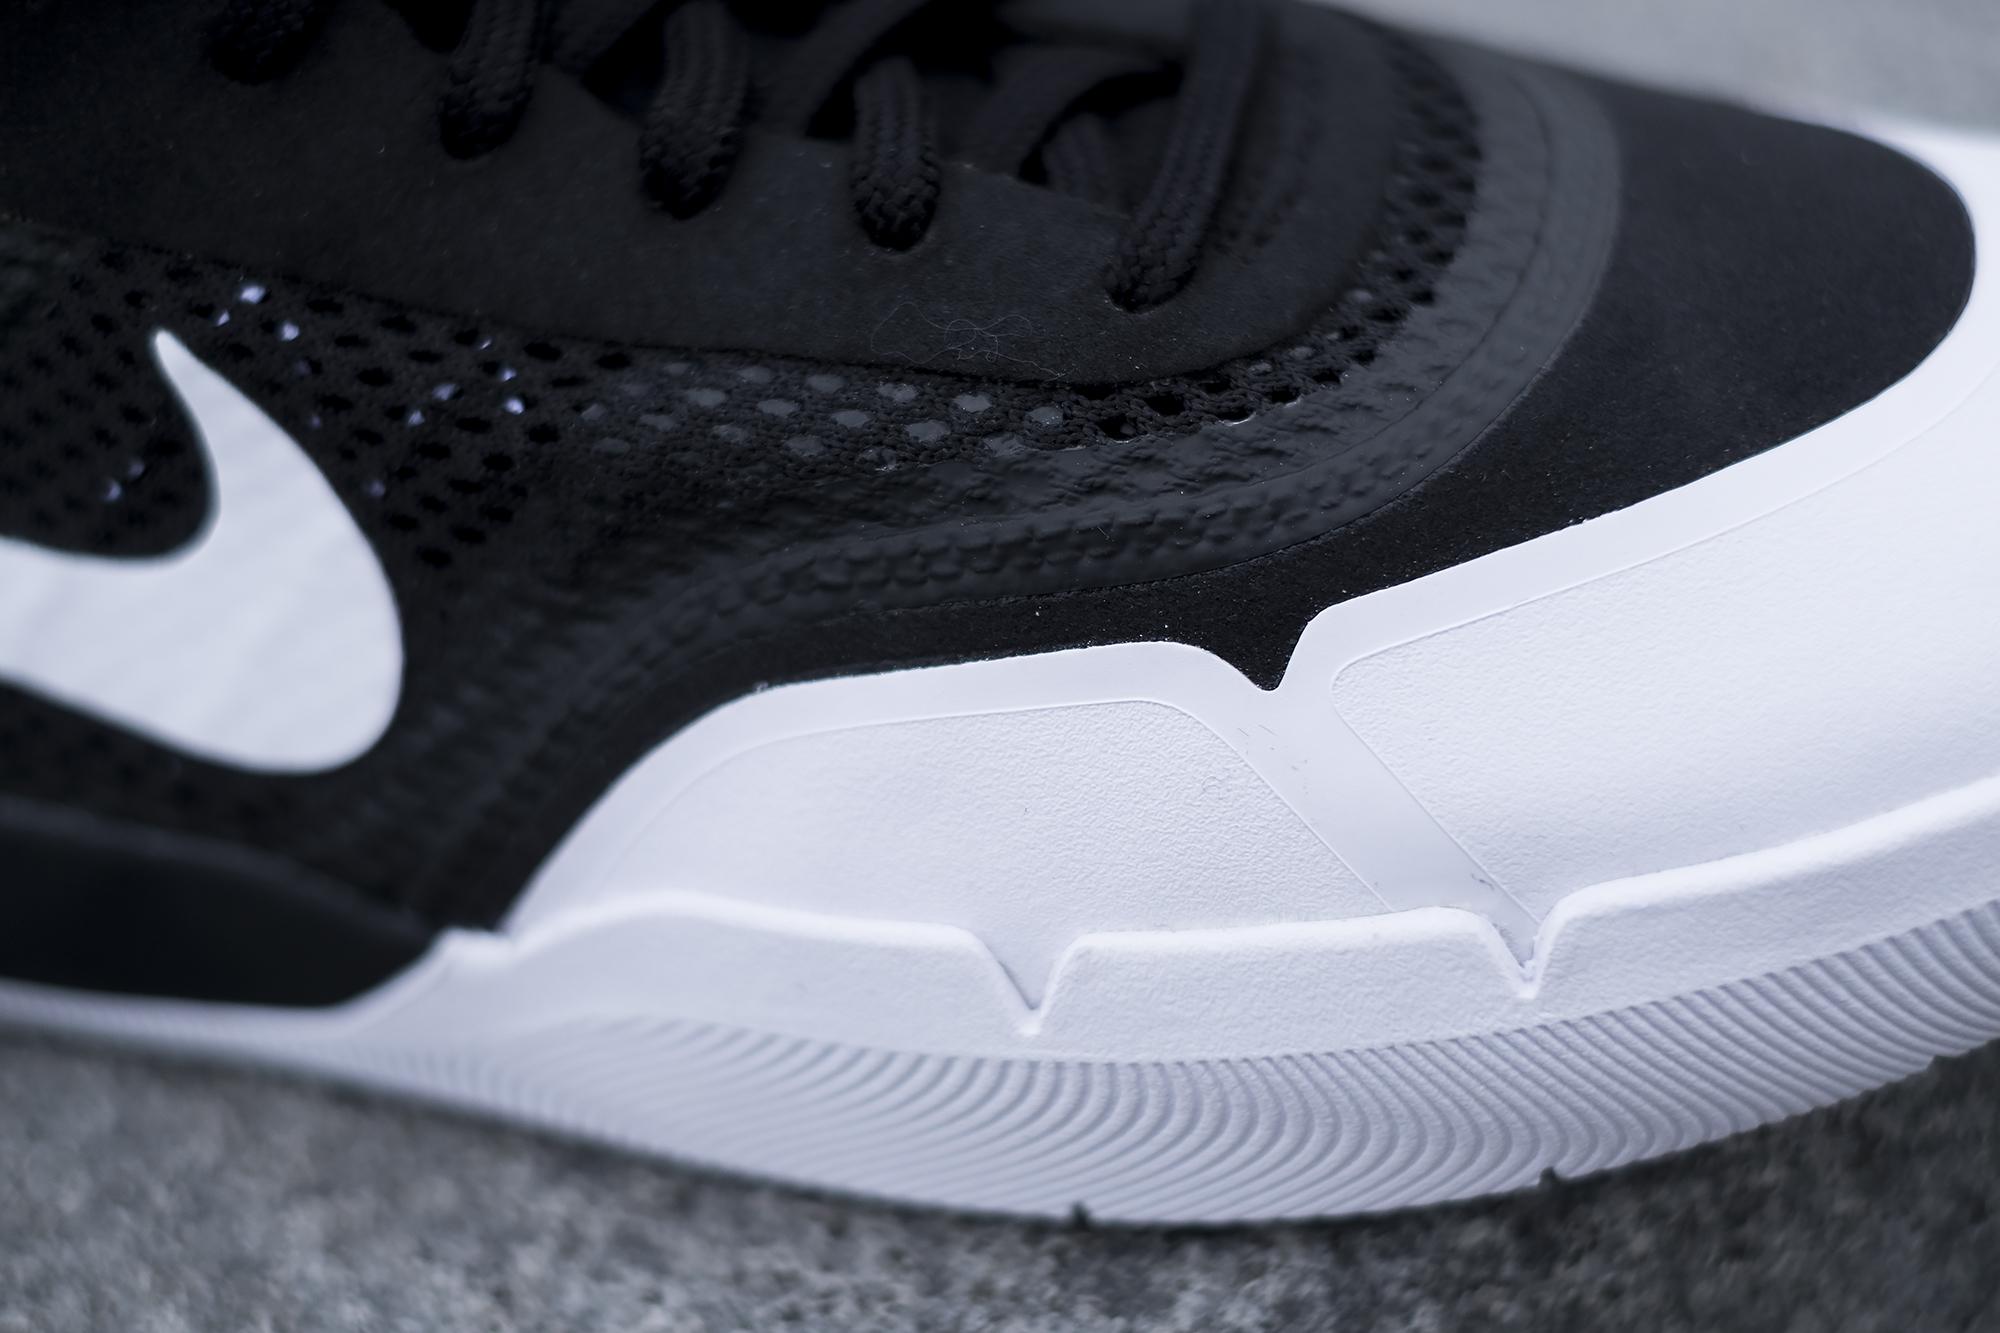 nike sb hyperfeel eric koston xt weartest toe cap – Flatspot